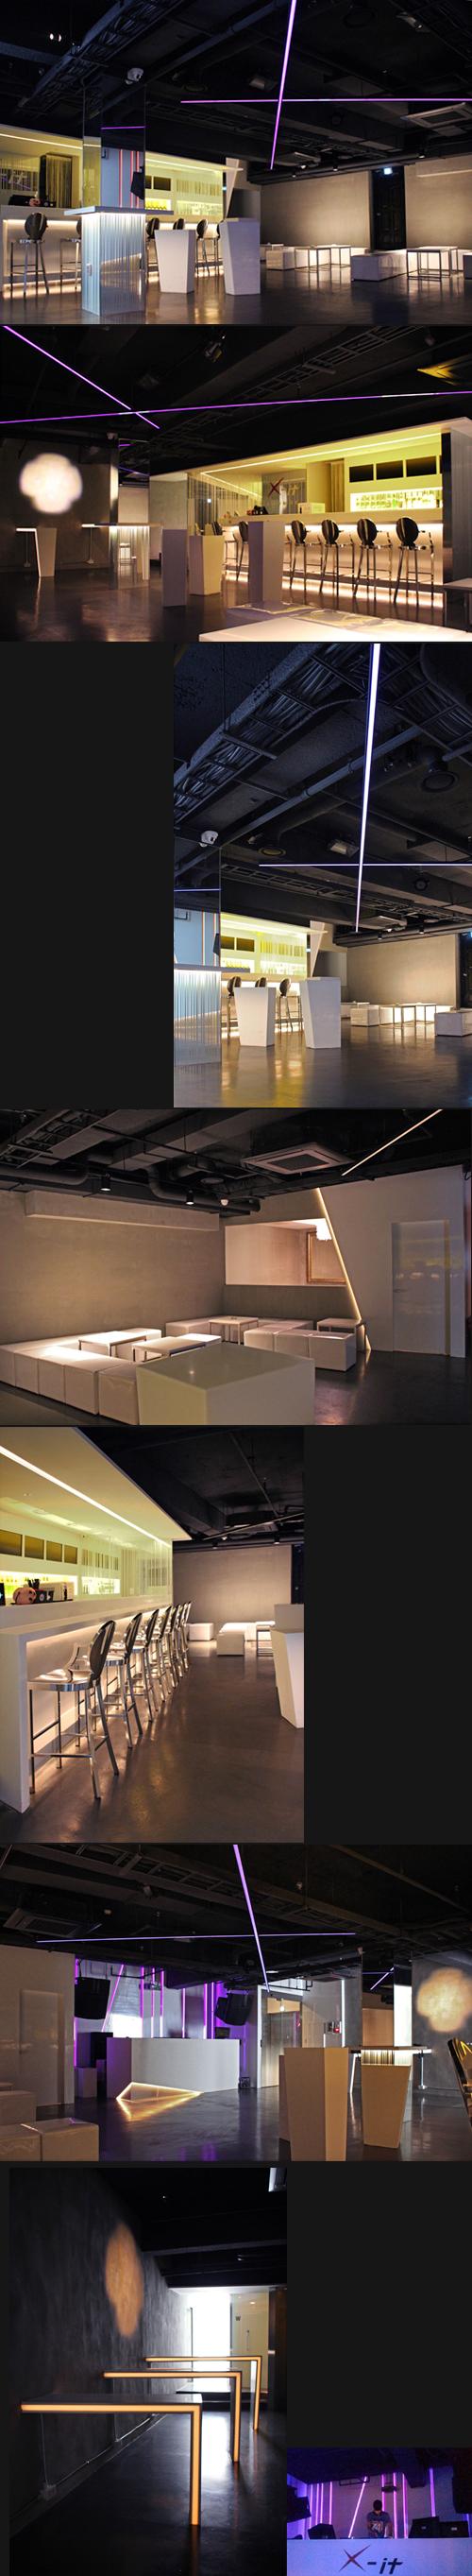 X-it lounge .jpg